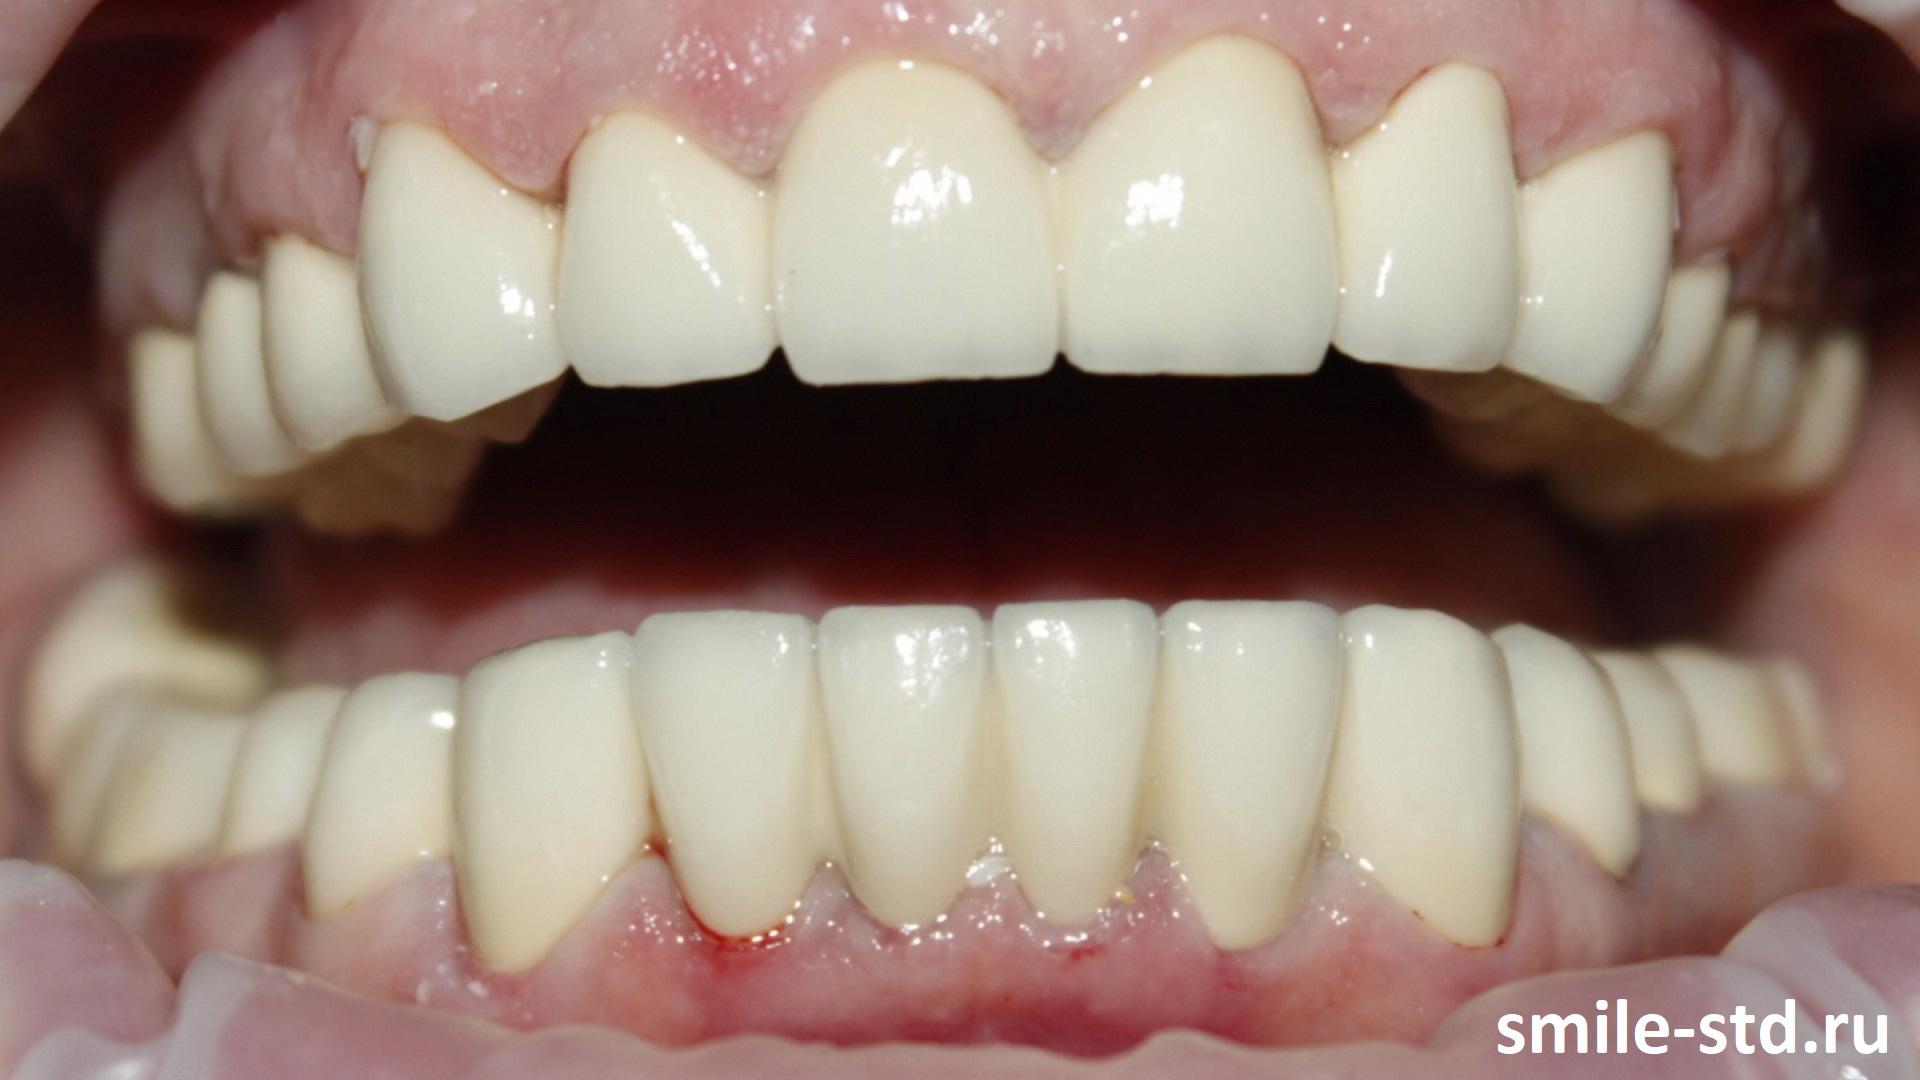 Лечение нарушений окклюзии и прикуса, восстановление разрушенных зубов в клинике Smile STD, Москва. Лечащий врач – Асоян Артак Антонович